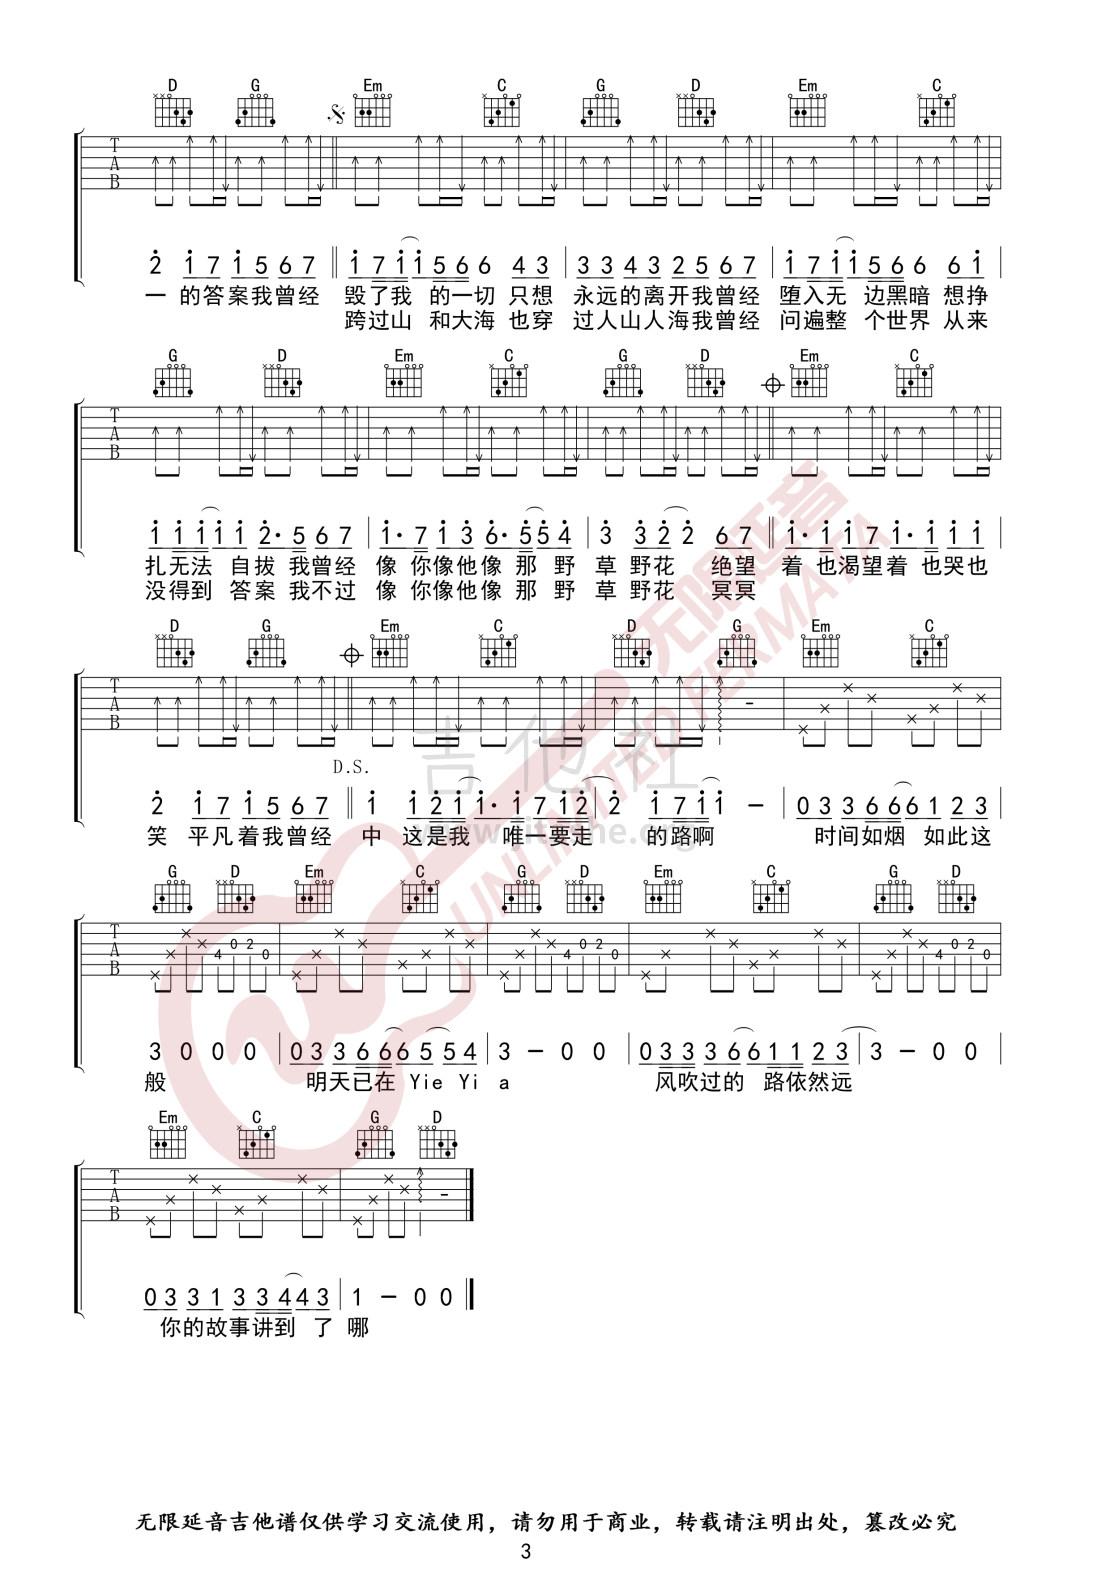 平凡之路 ( 无限延音编配)吉他谱(图片谱,G调,弹唱)_朴树_平凡之路03.jpg